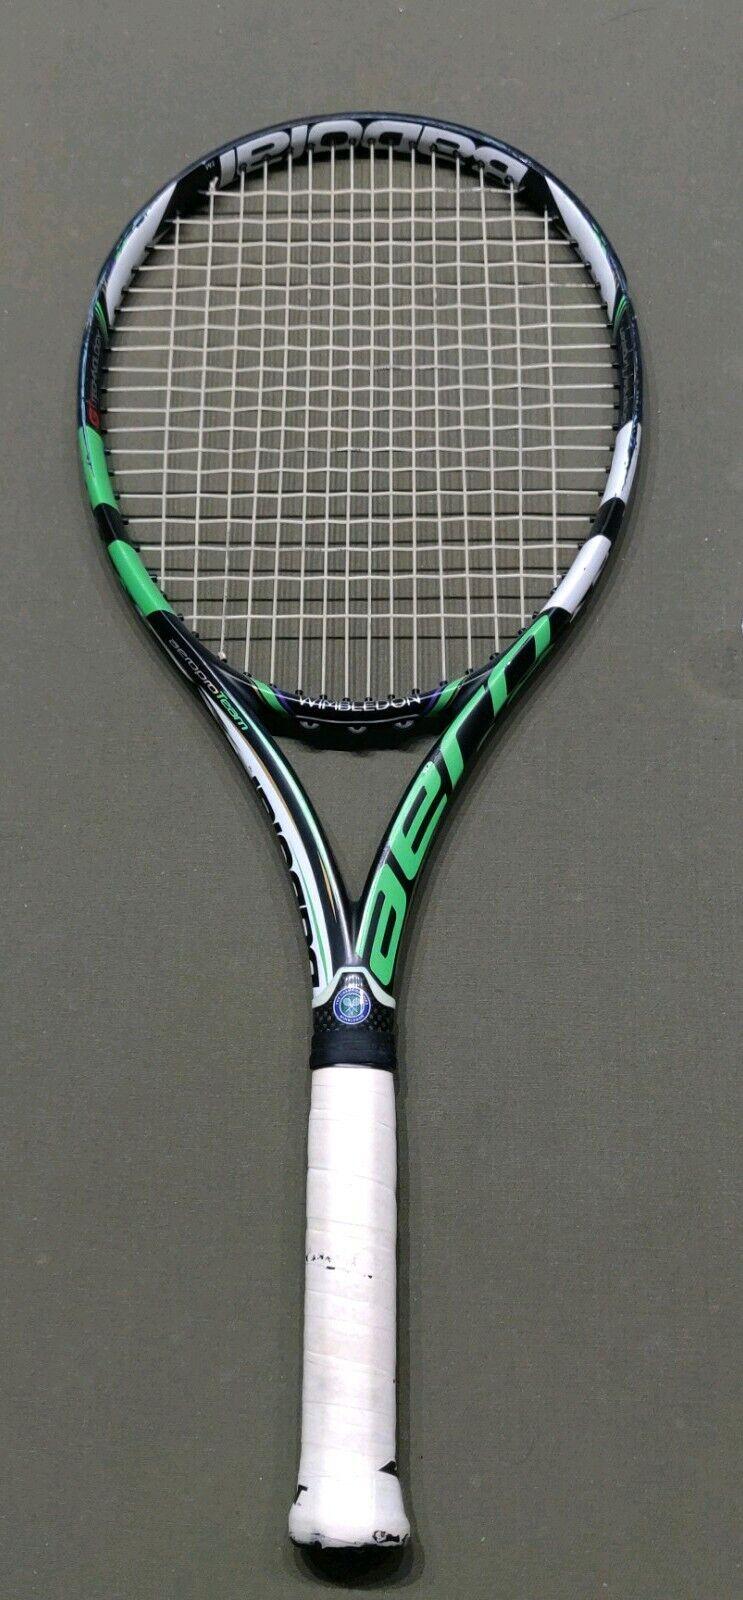 Babolat Aero Pro 2014 de unidad de equipo  Wimbledon 100sq 4 3 8 tenis NXT 50   25OFF  punto de venta barato